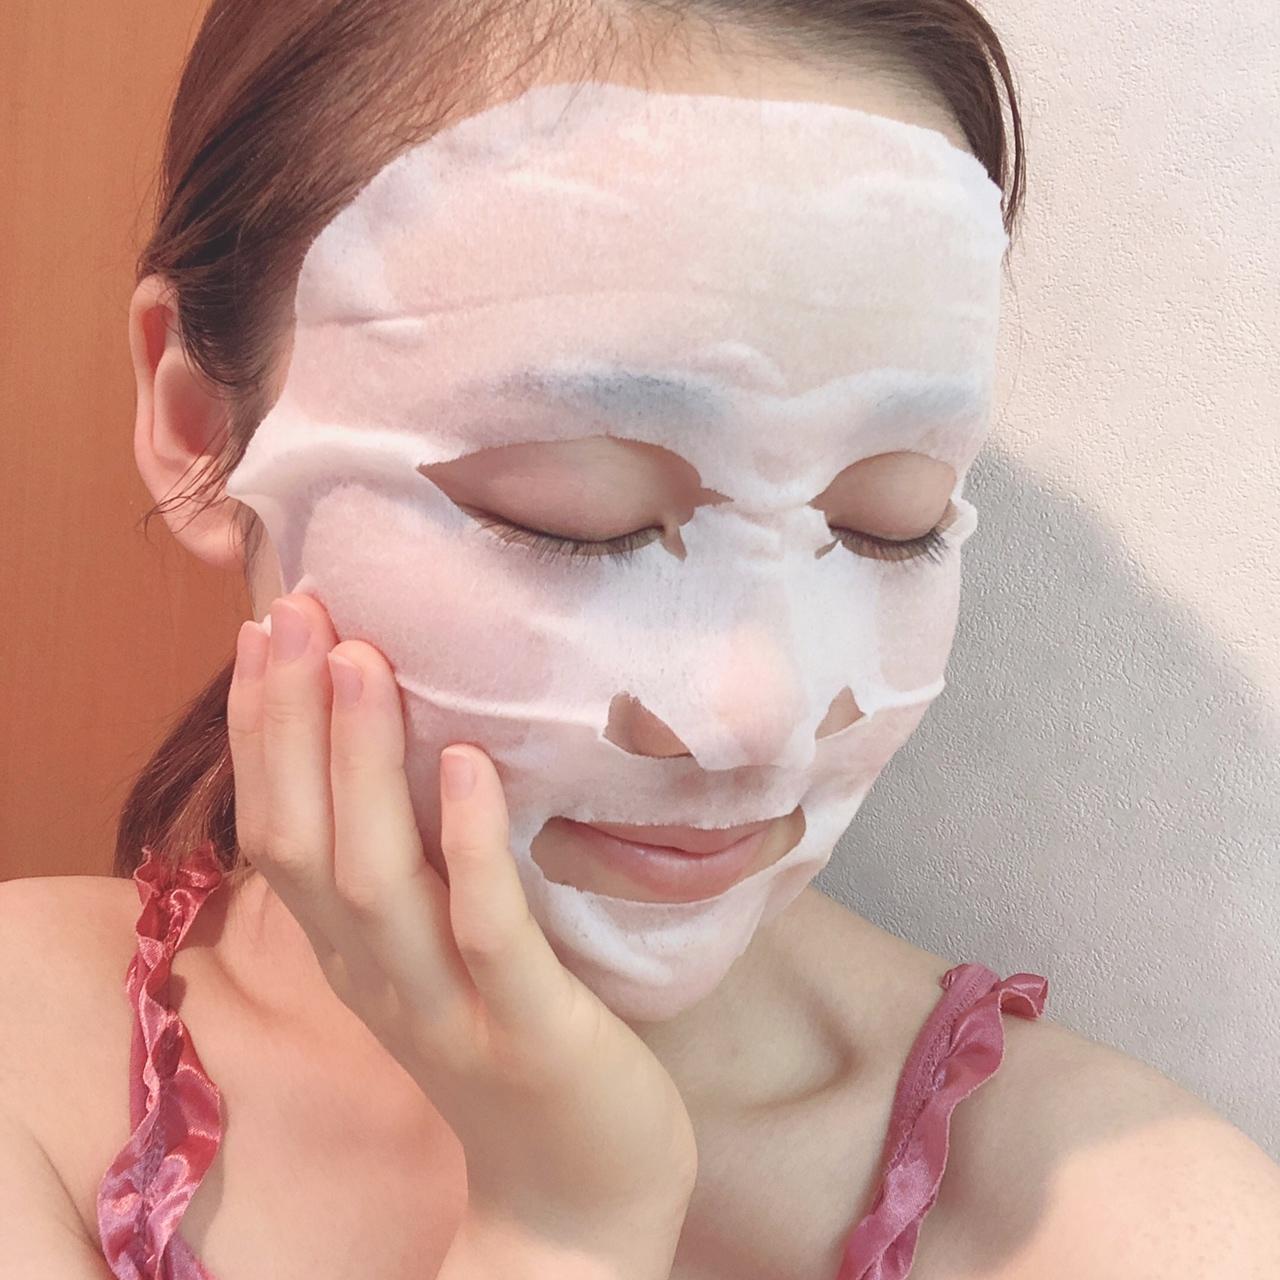 【朝のスキンケア①】朝用マスク使い比べてみたけどどう違う??_1_4